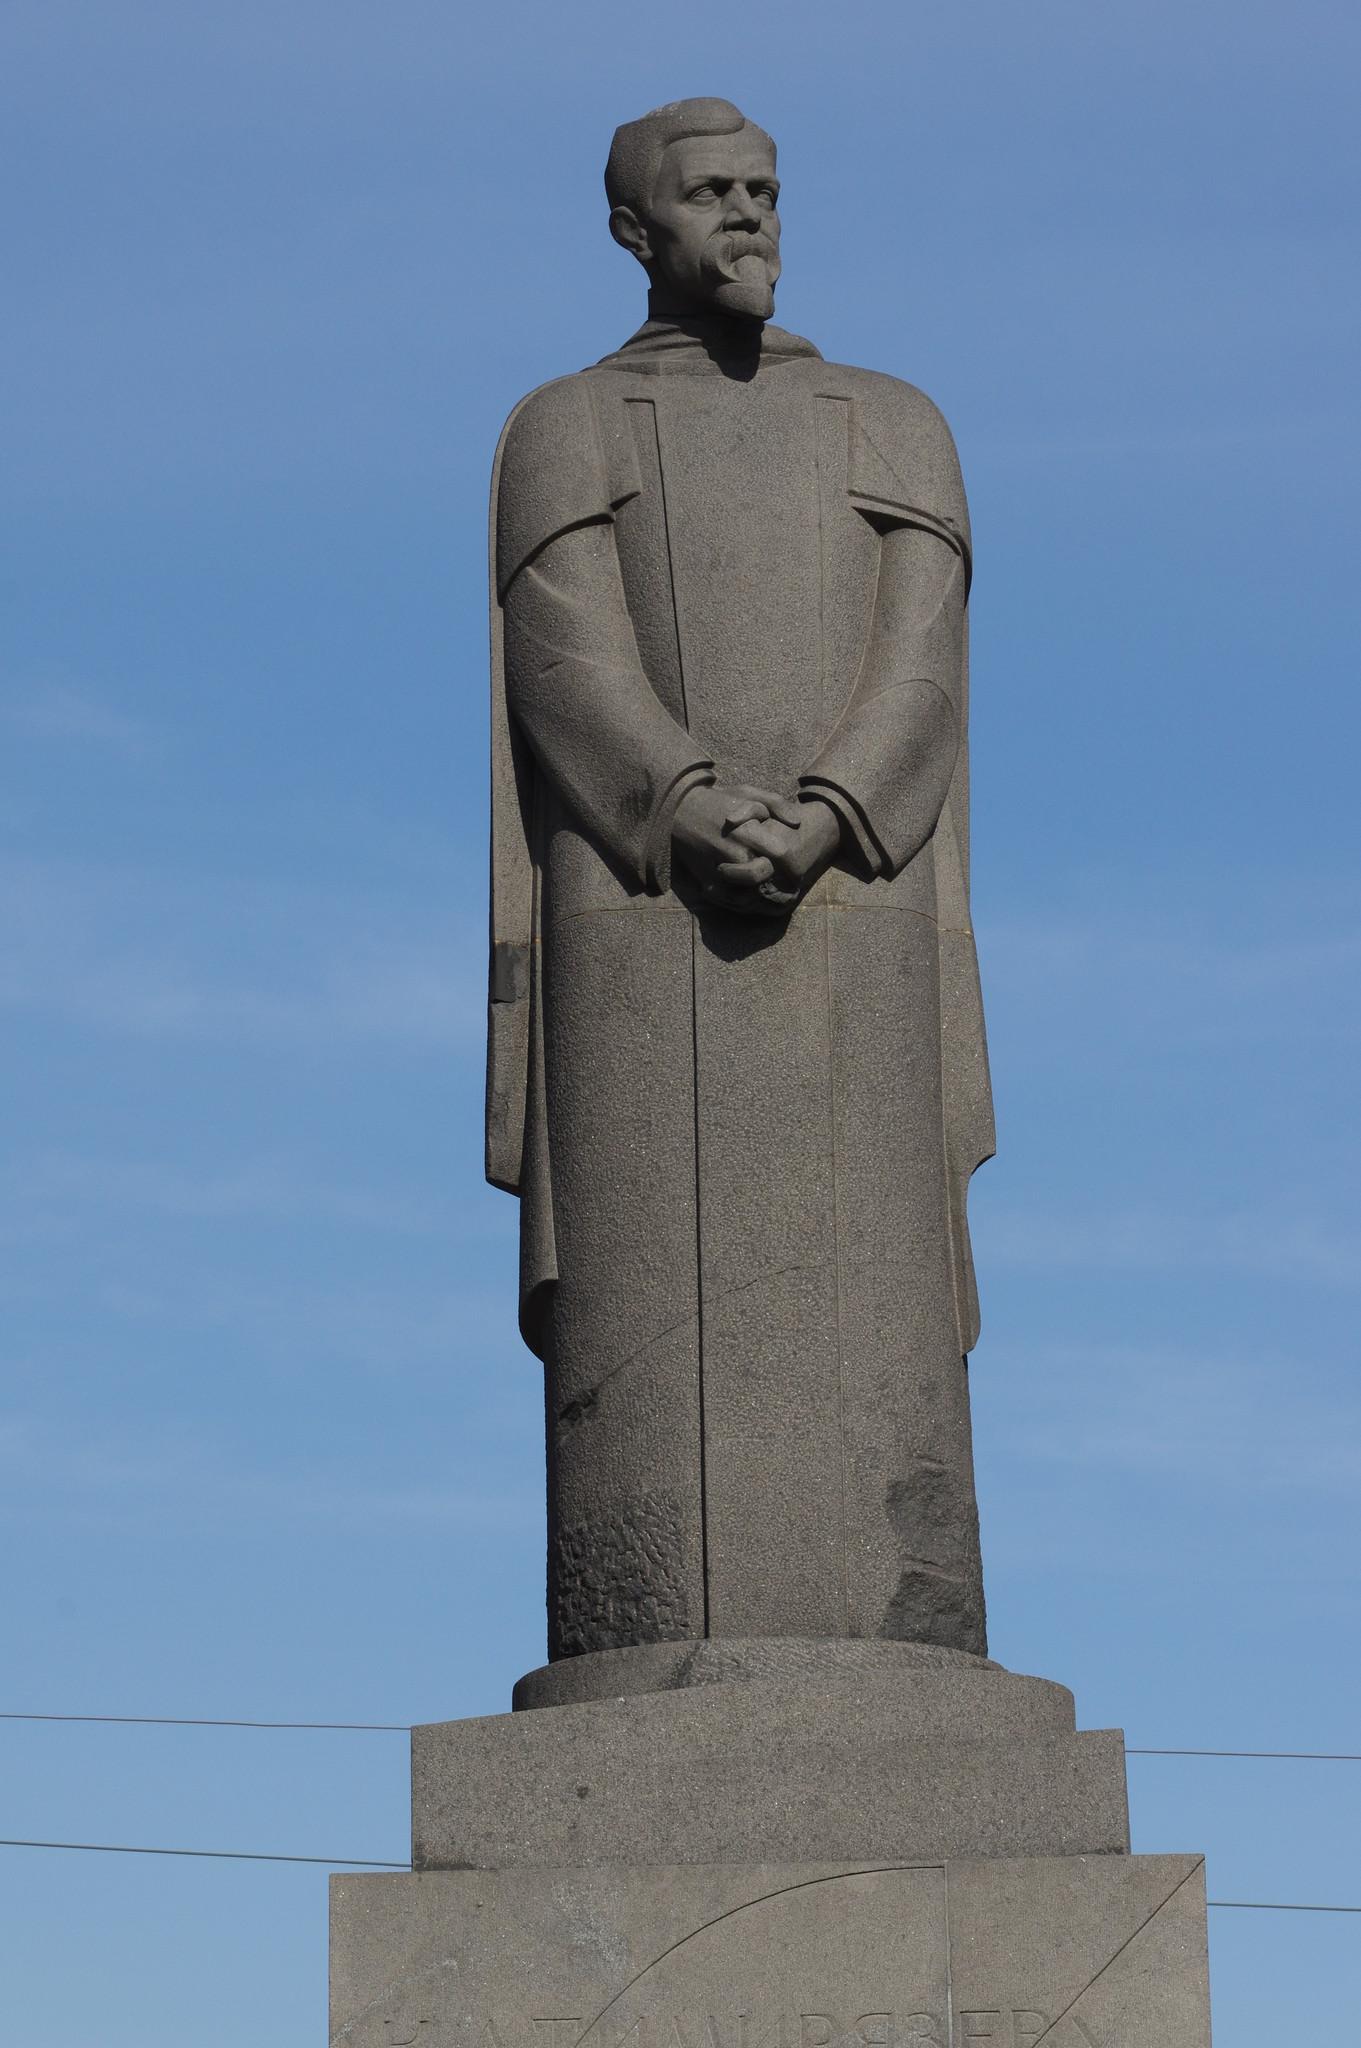 Памятник Клименту Аркадьевичу Тимирязеву на Тверском бульваре у площади Никитские Ворота